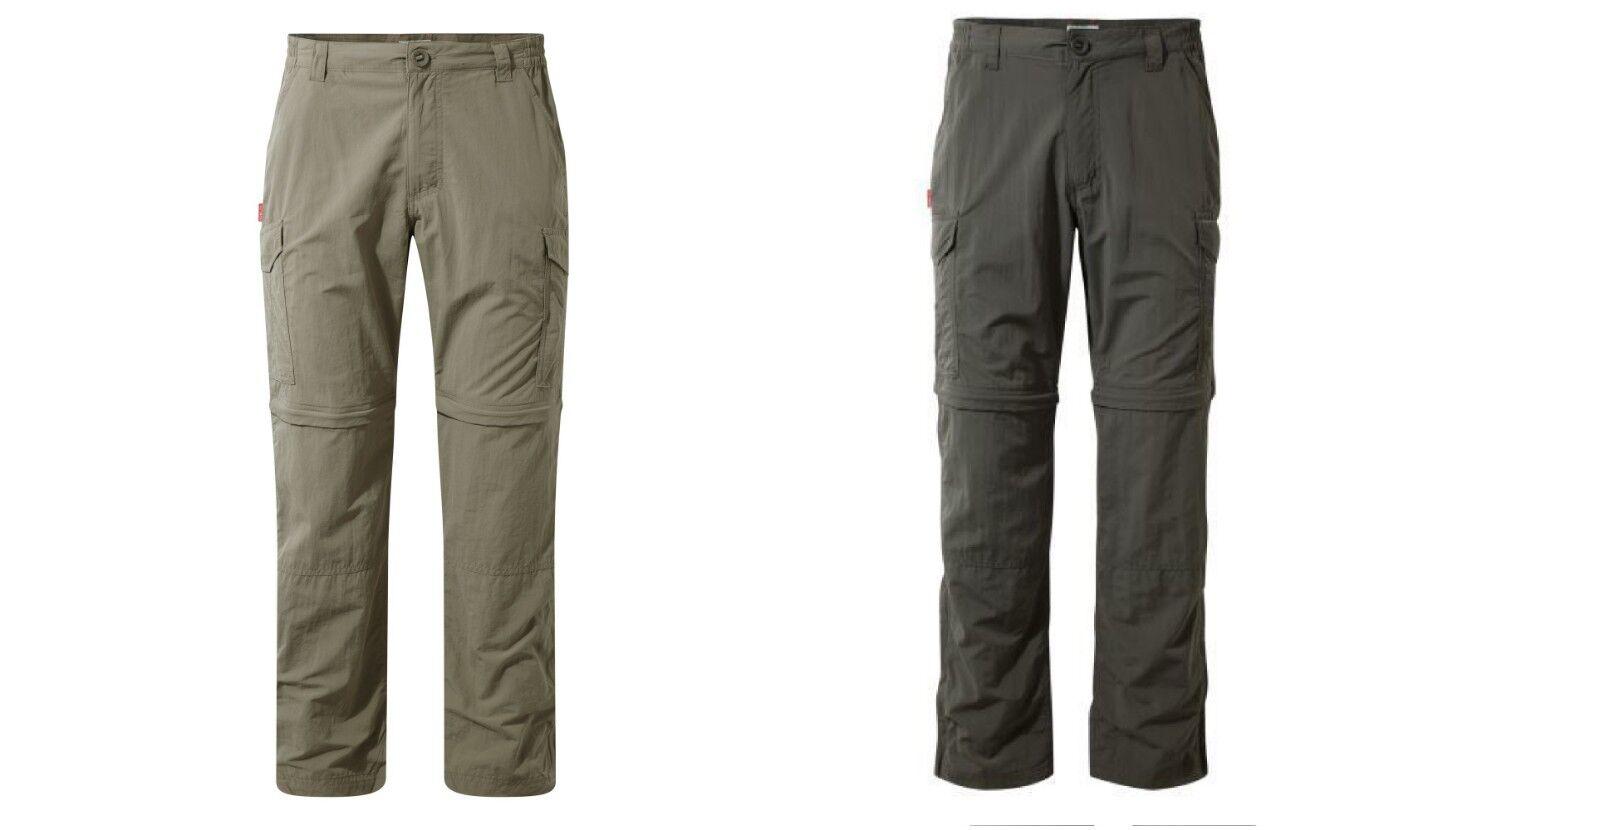 Craghoppers Nlife ZIPP-Pantaloni uomo protezione insetti LSF 40 UVP 94,95 50% DI SCONTO